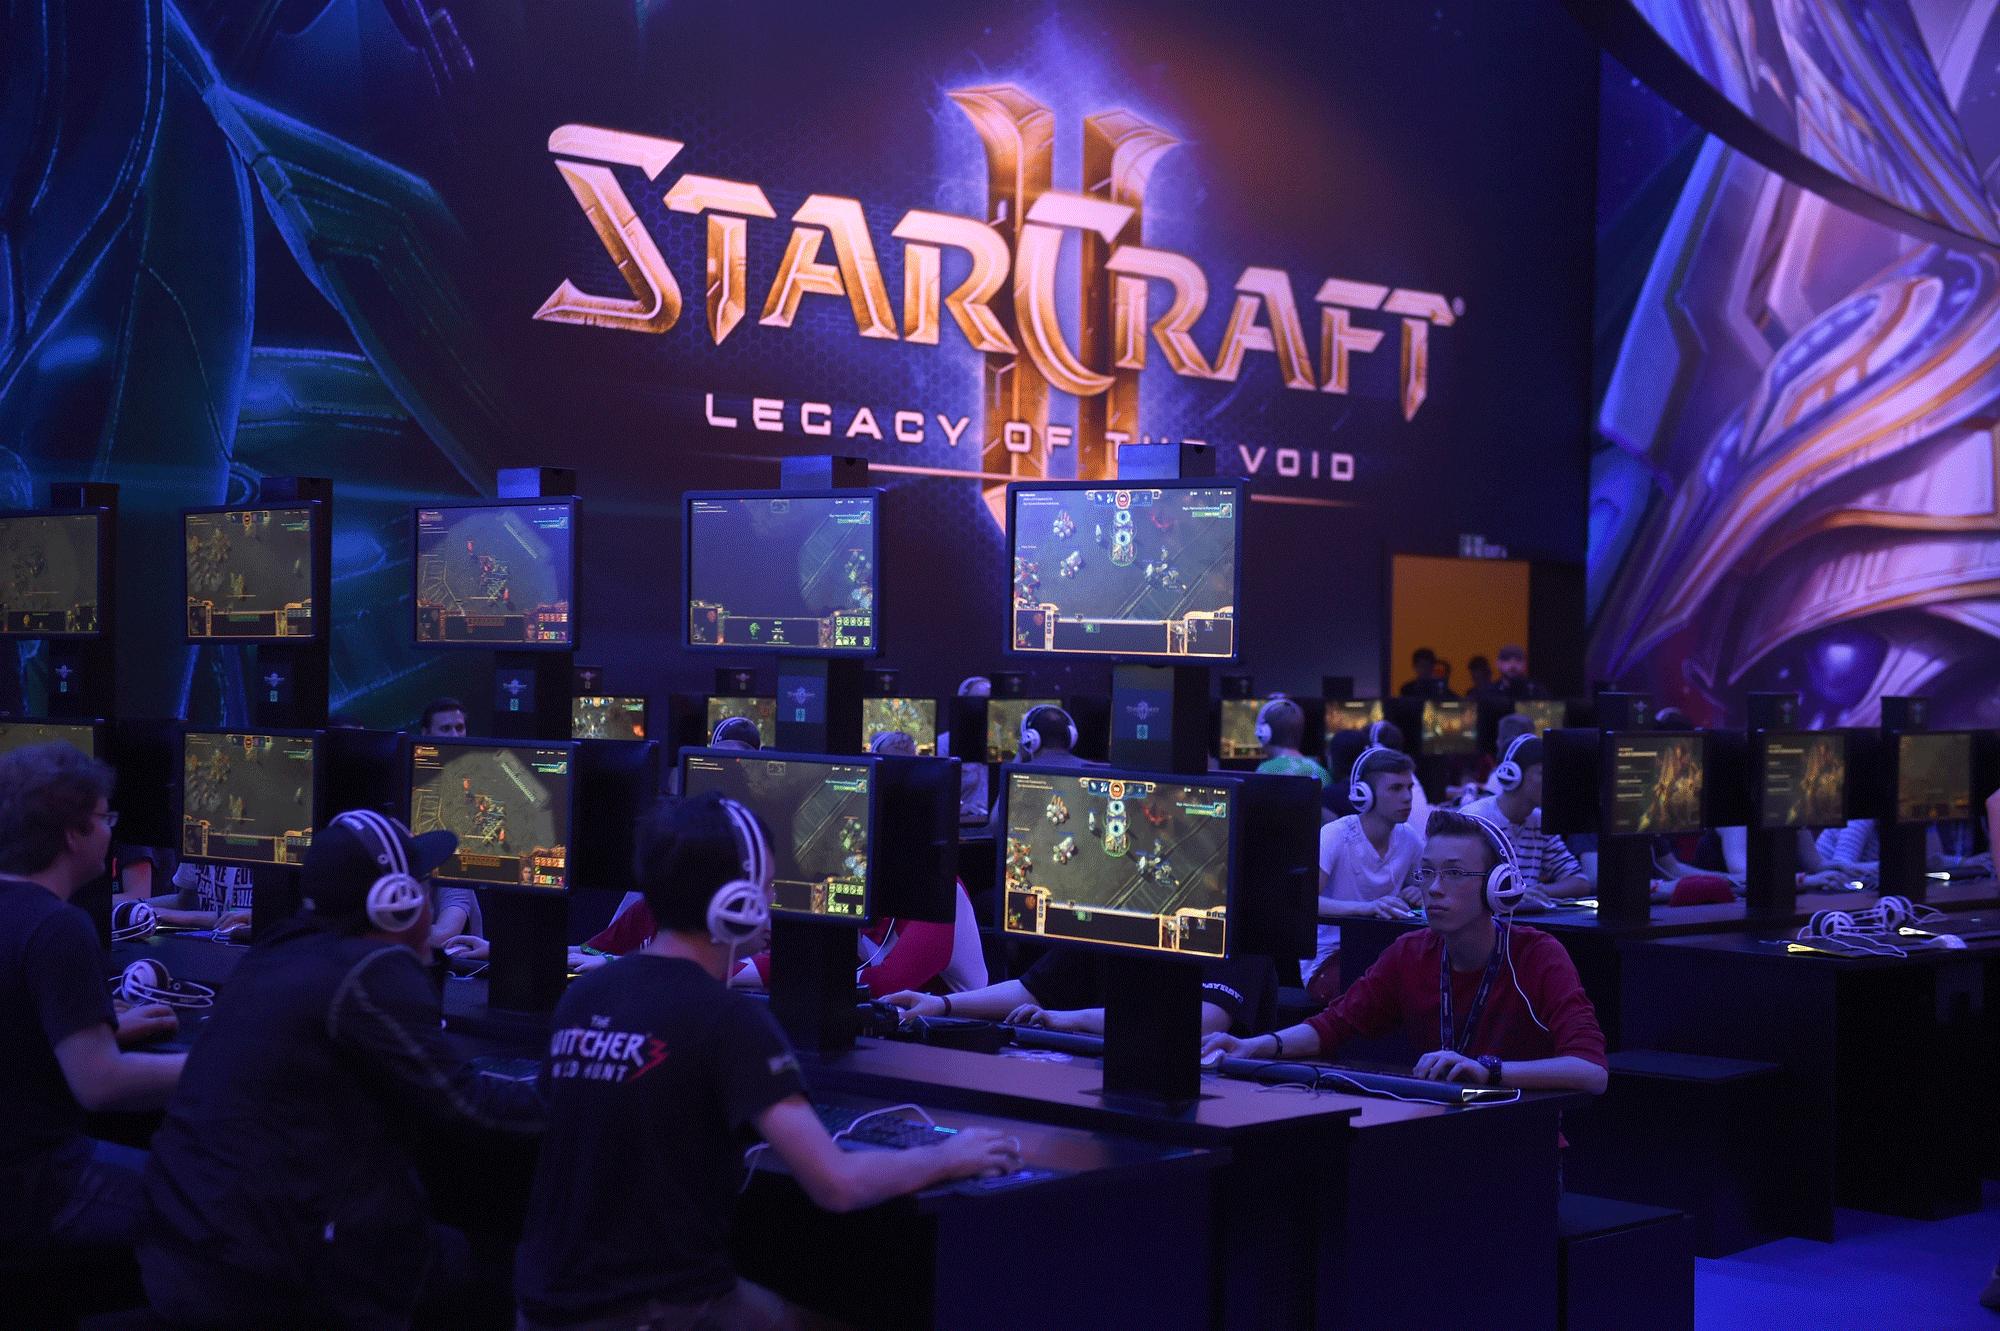 Competición de StarCraft durante la Gamescon de Colonia, Alemania, en 2015